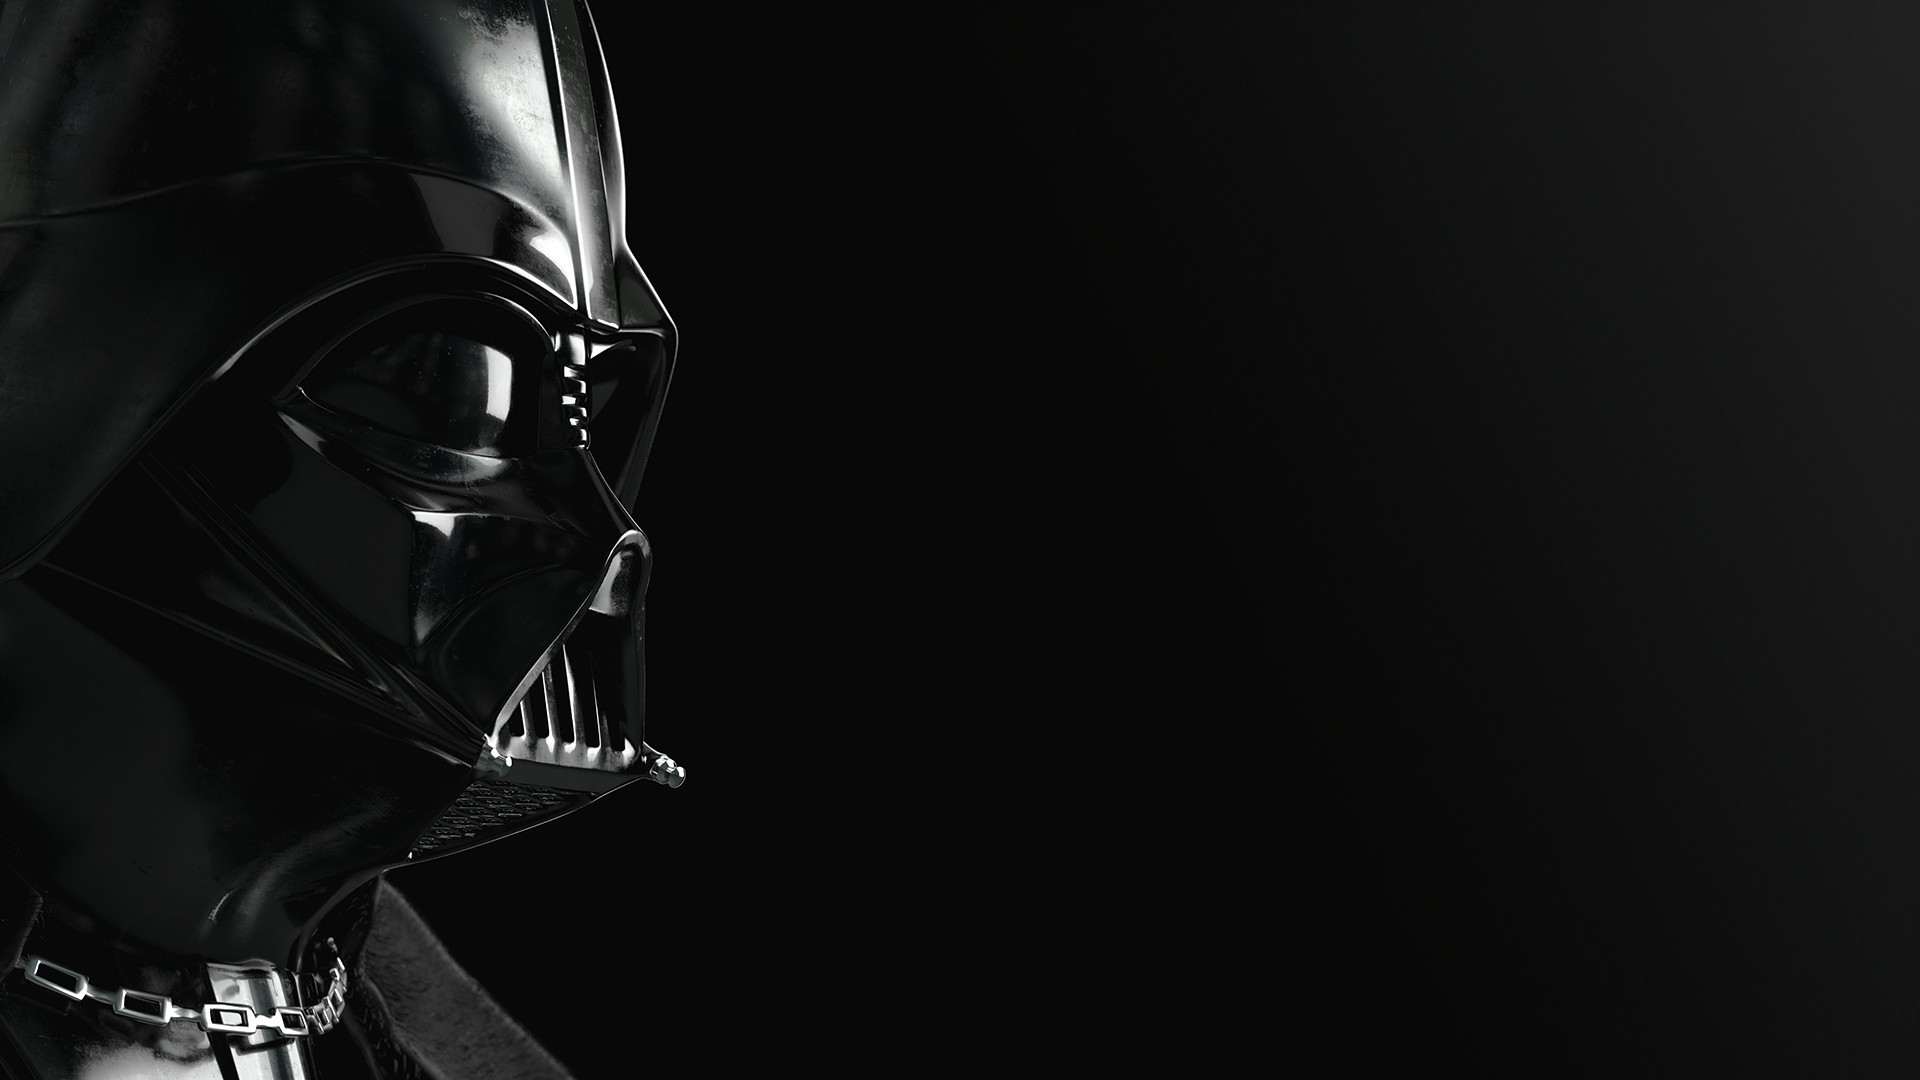 1920x1080 Darth Vader Wallpaper Darth Vader Wallpaper 4k 1920x1080 Wallpaper Teahub Io